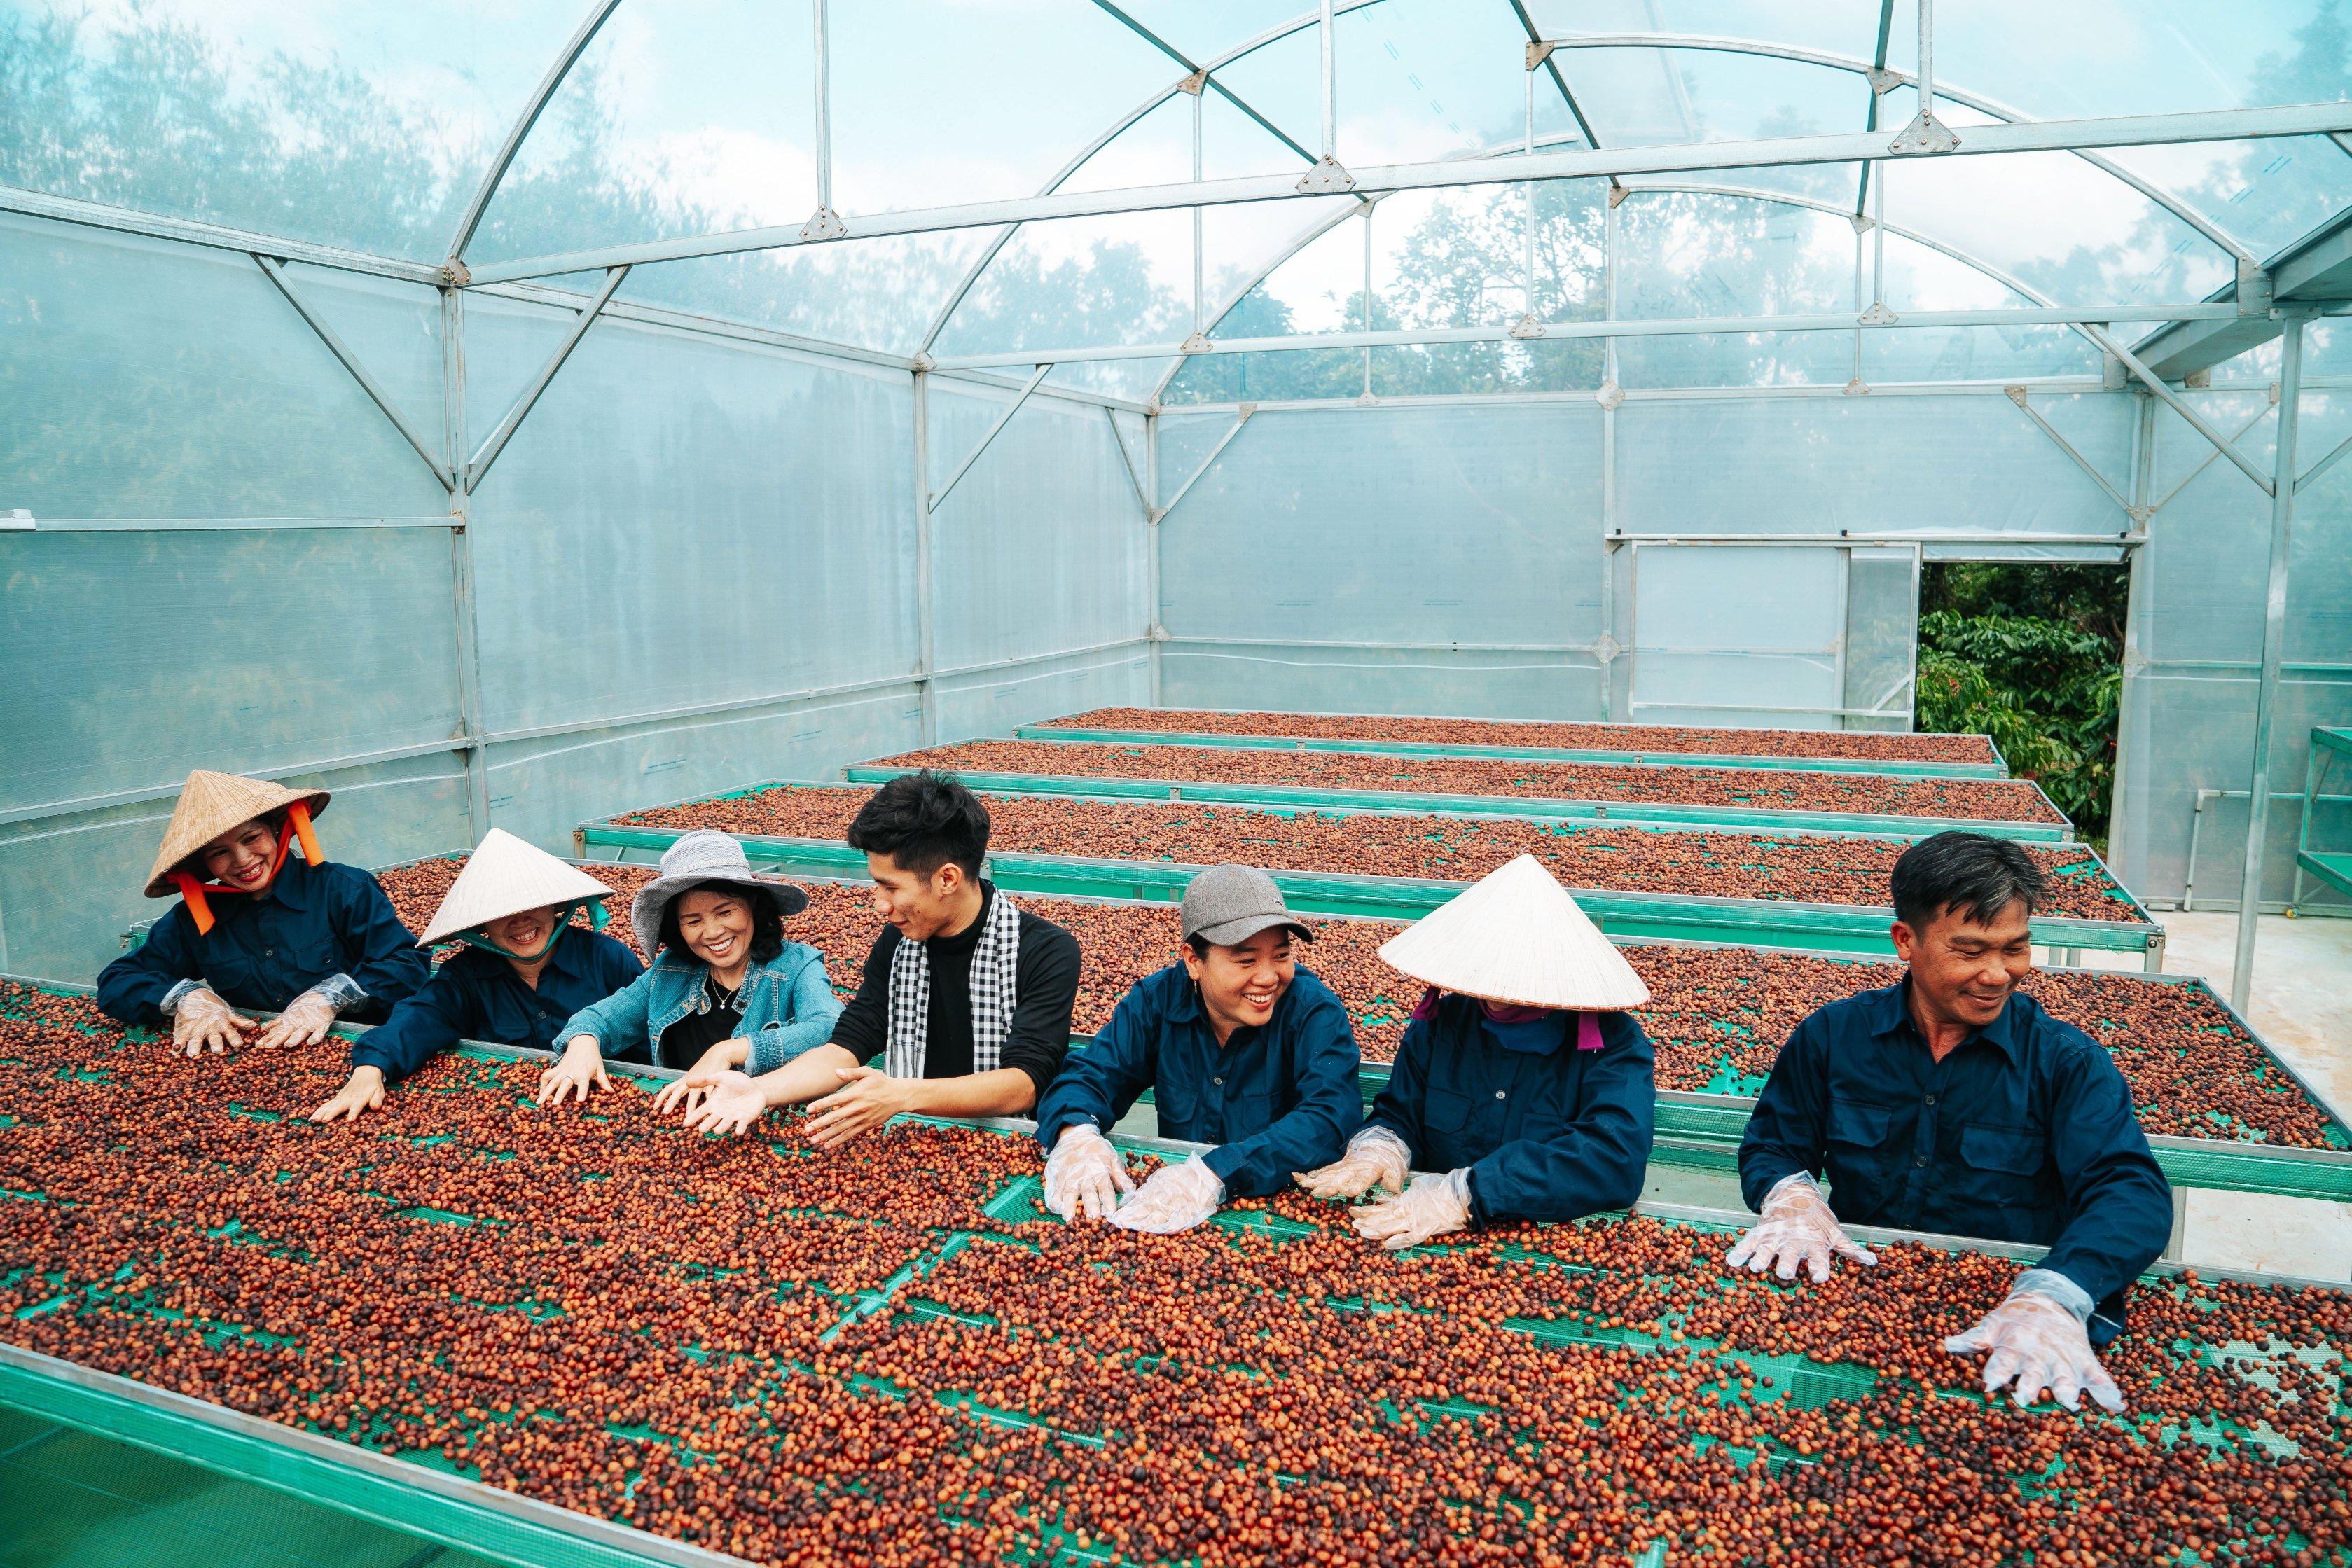 8 tỉnh được quy hoạch phát triển cà phê đặc sản Việt Nam